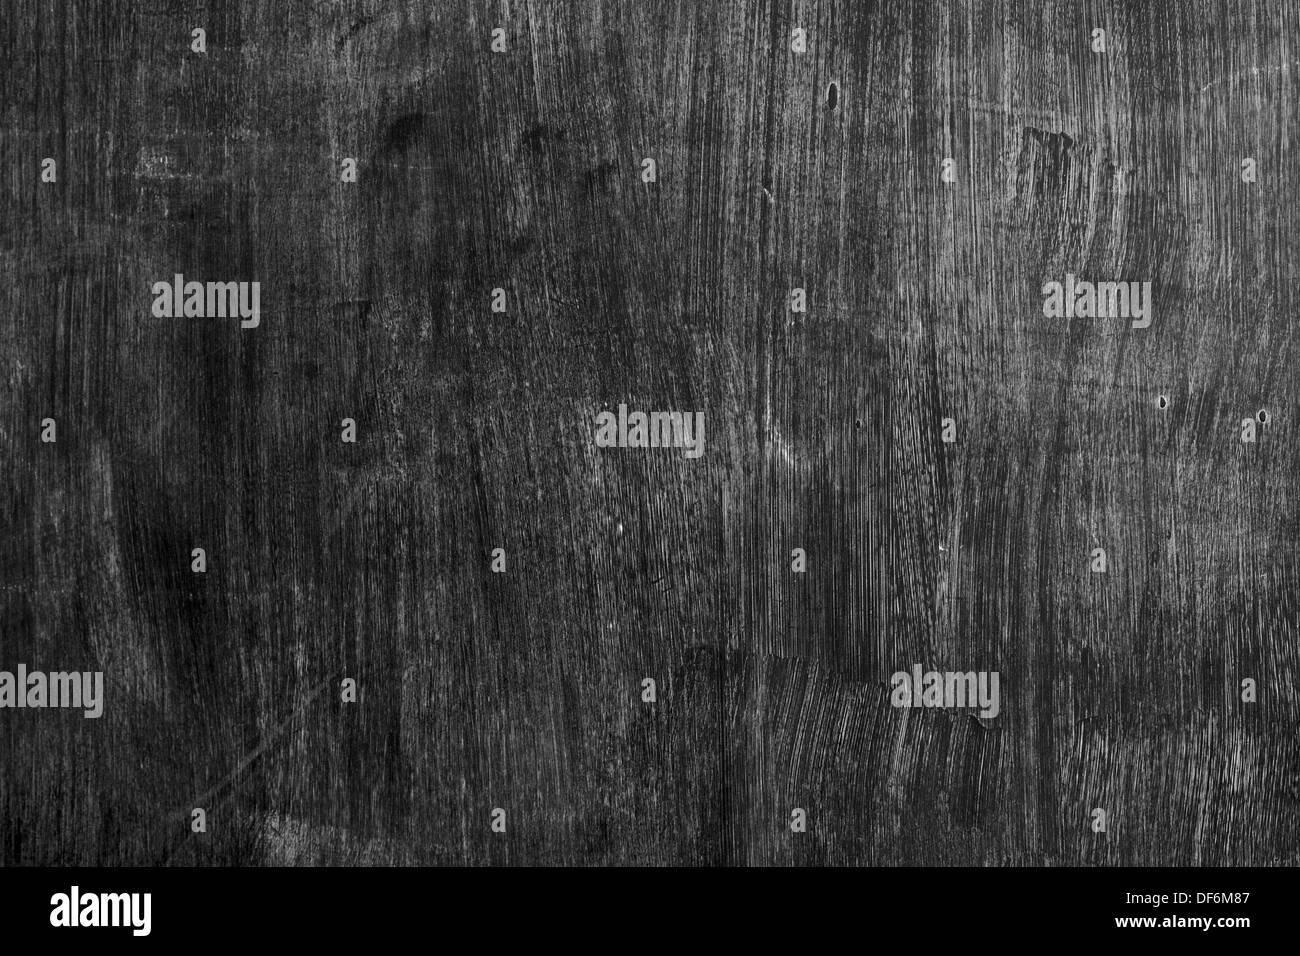 La Pietra Della Lavagna trama di lavagna immagini & trama di lavagna fotos stock - alamy